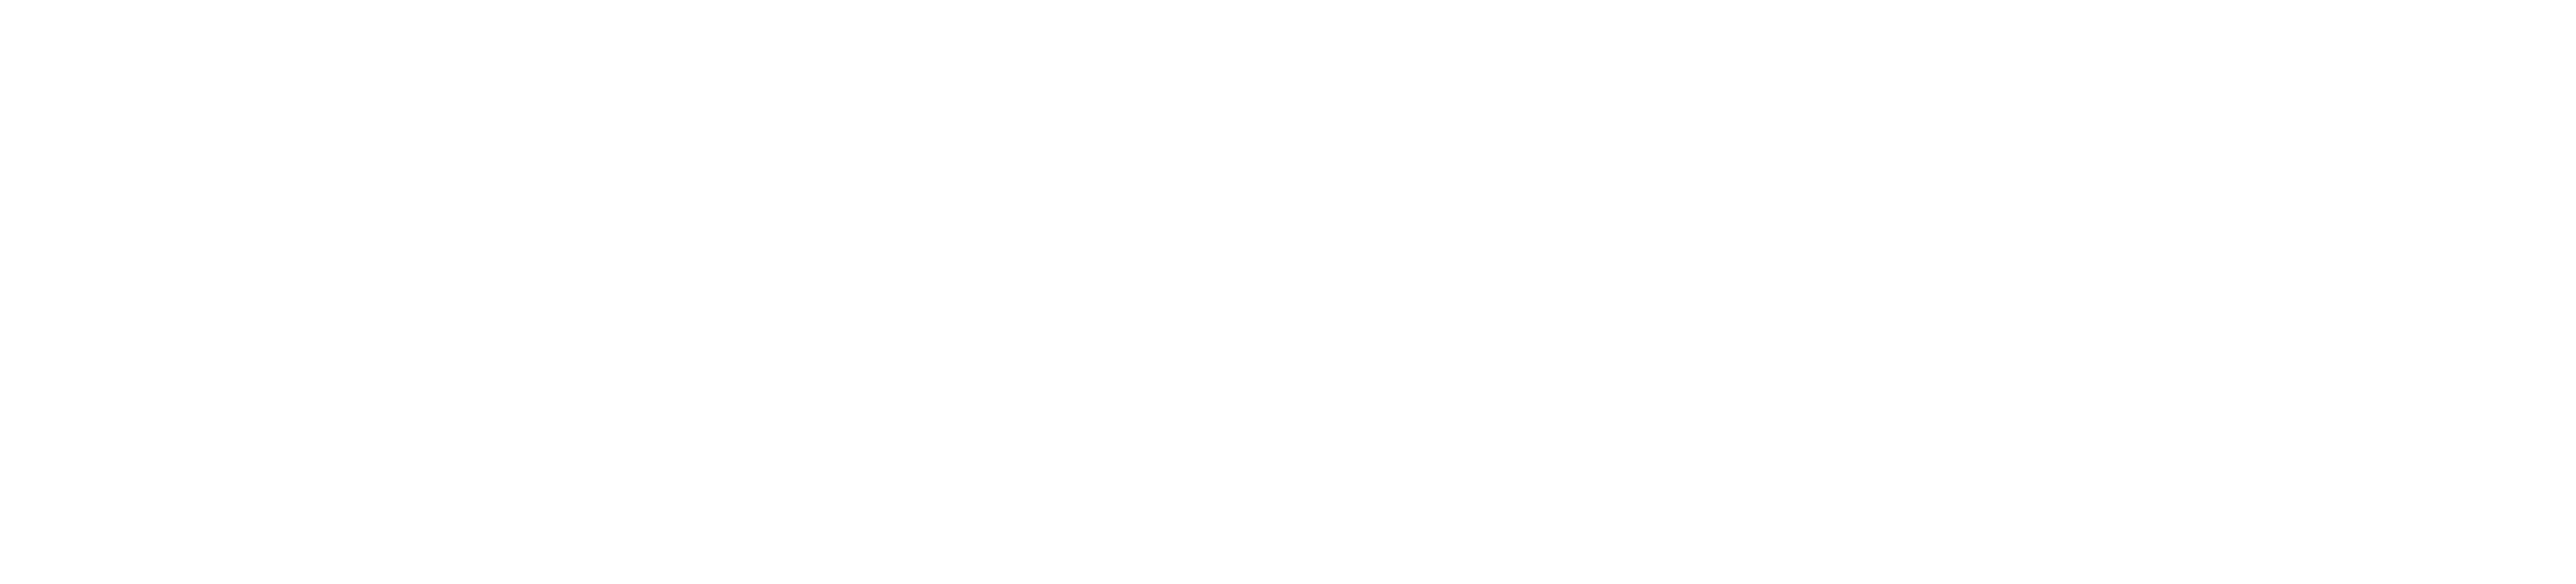 Cochrane Brasil - Rio de Janeiro